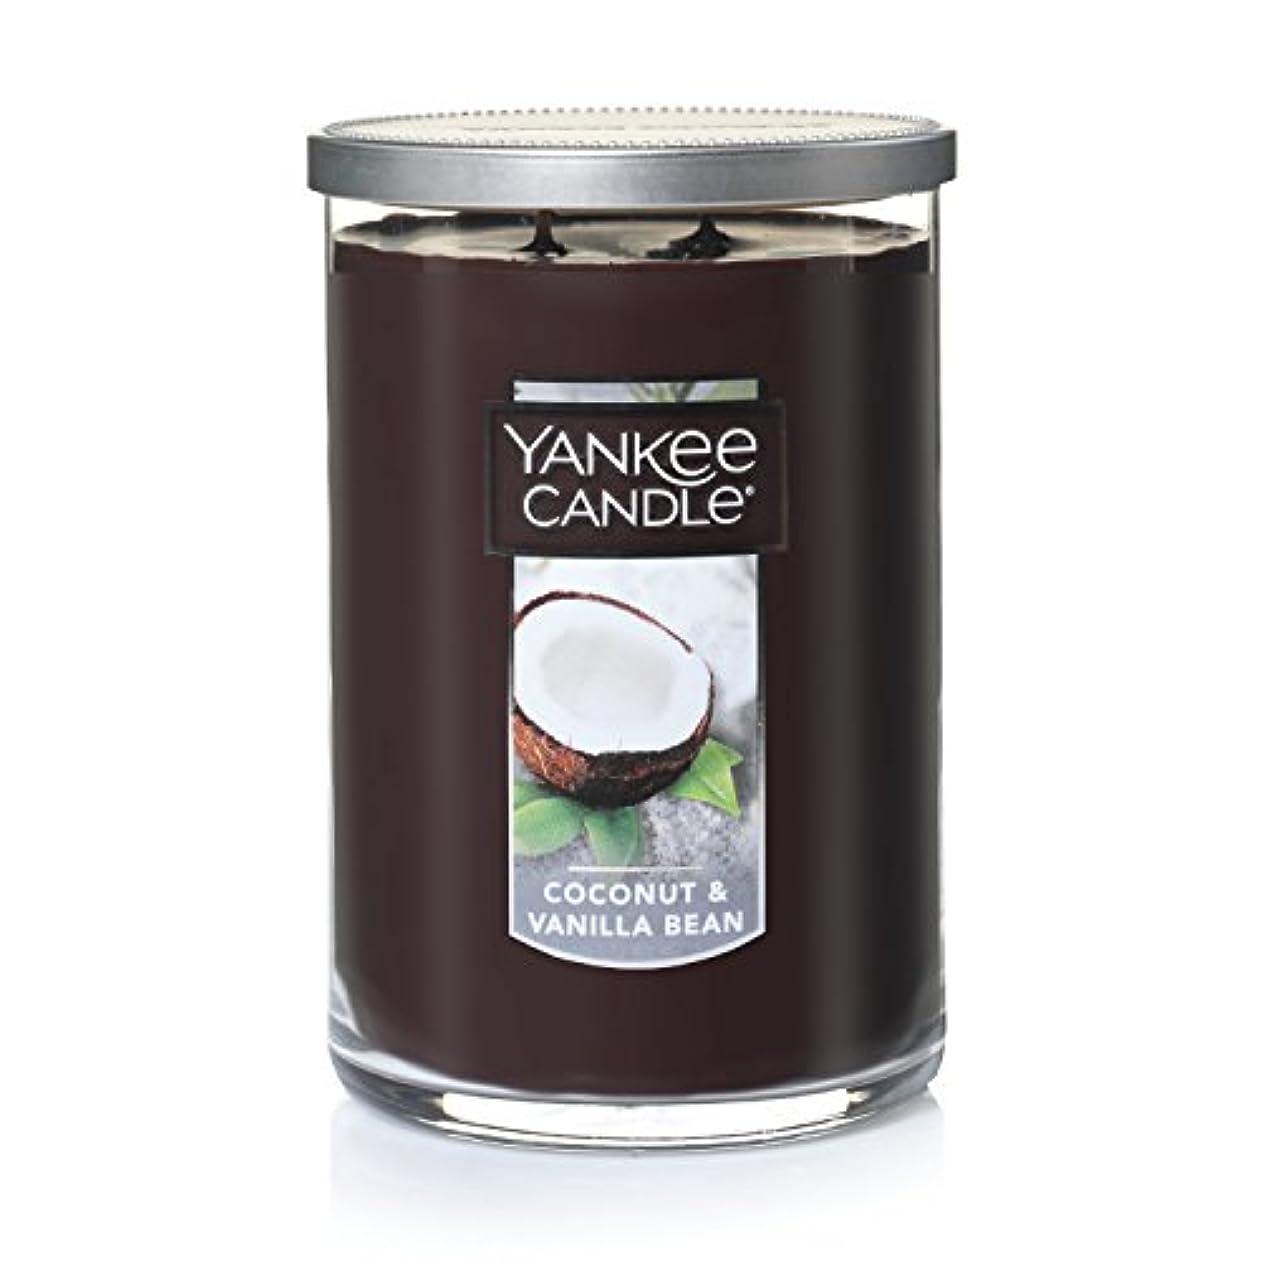 ルーキー分解するアボートYankee Candle Coconut & Vanilla Bean , Food & Spice香り Large 2-Wick Tumbler Candle ブラウン 1284535-YC